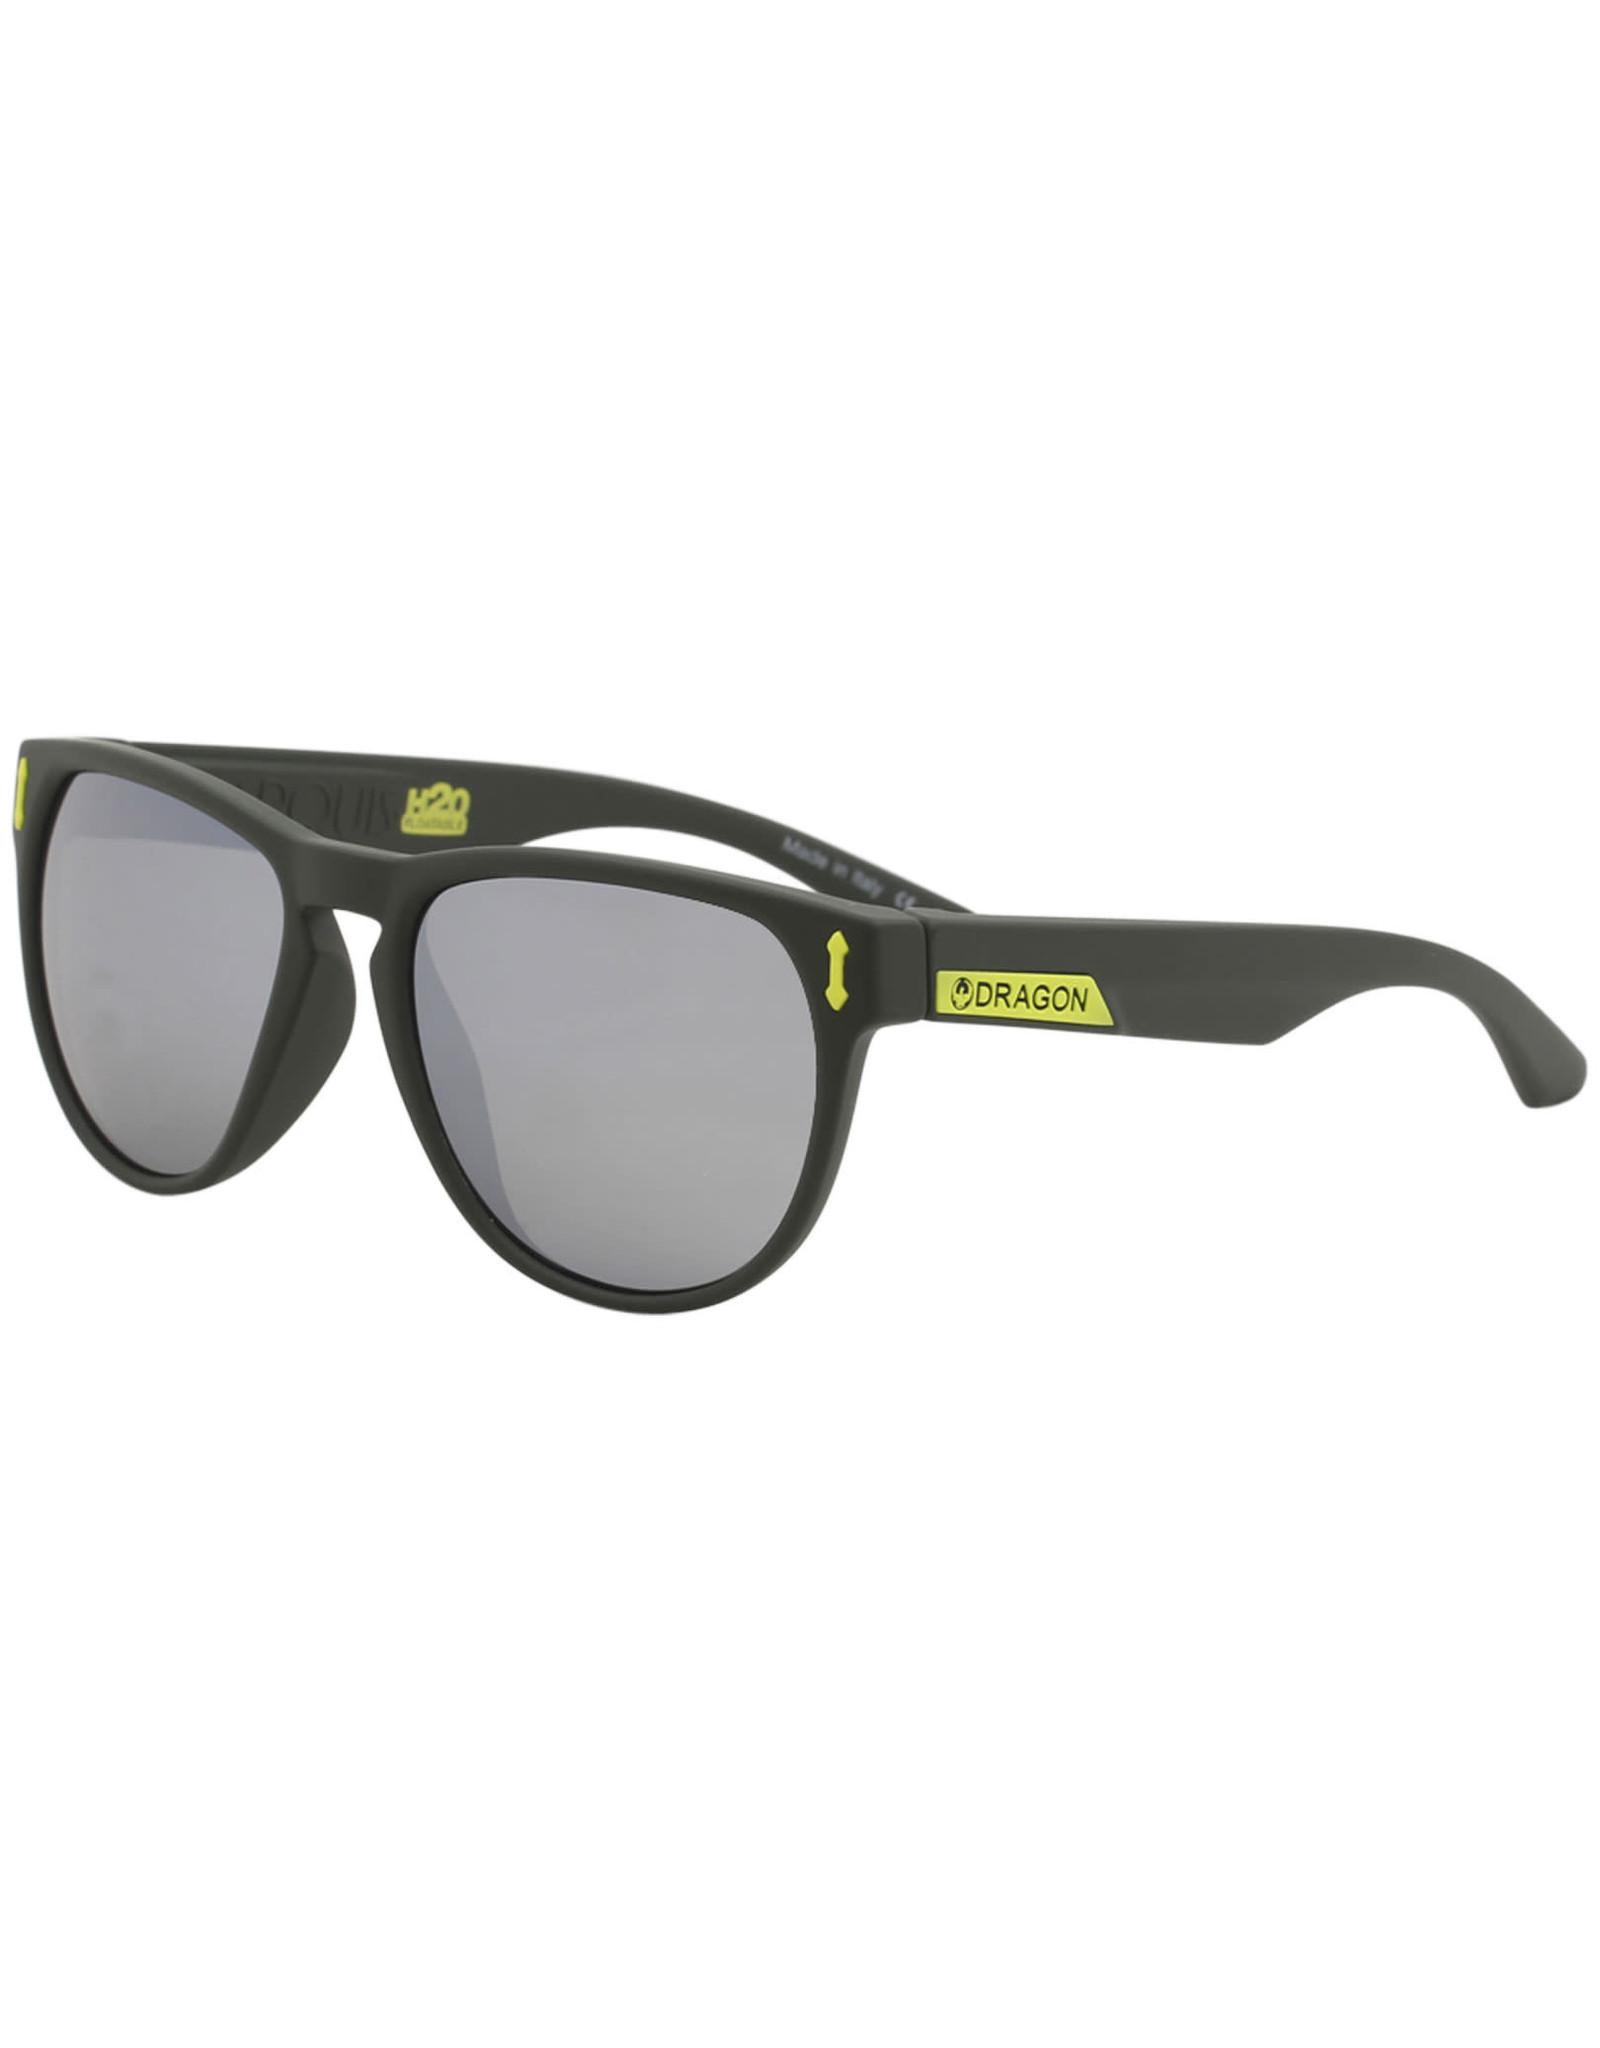 DRAGON Marquis H2O Silver Sunglasses